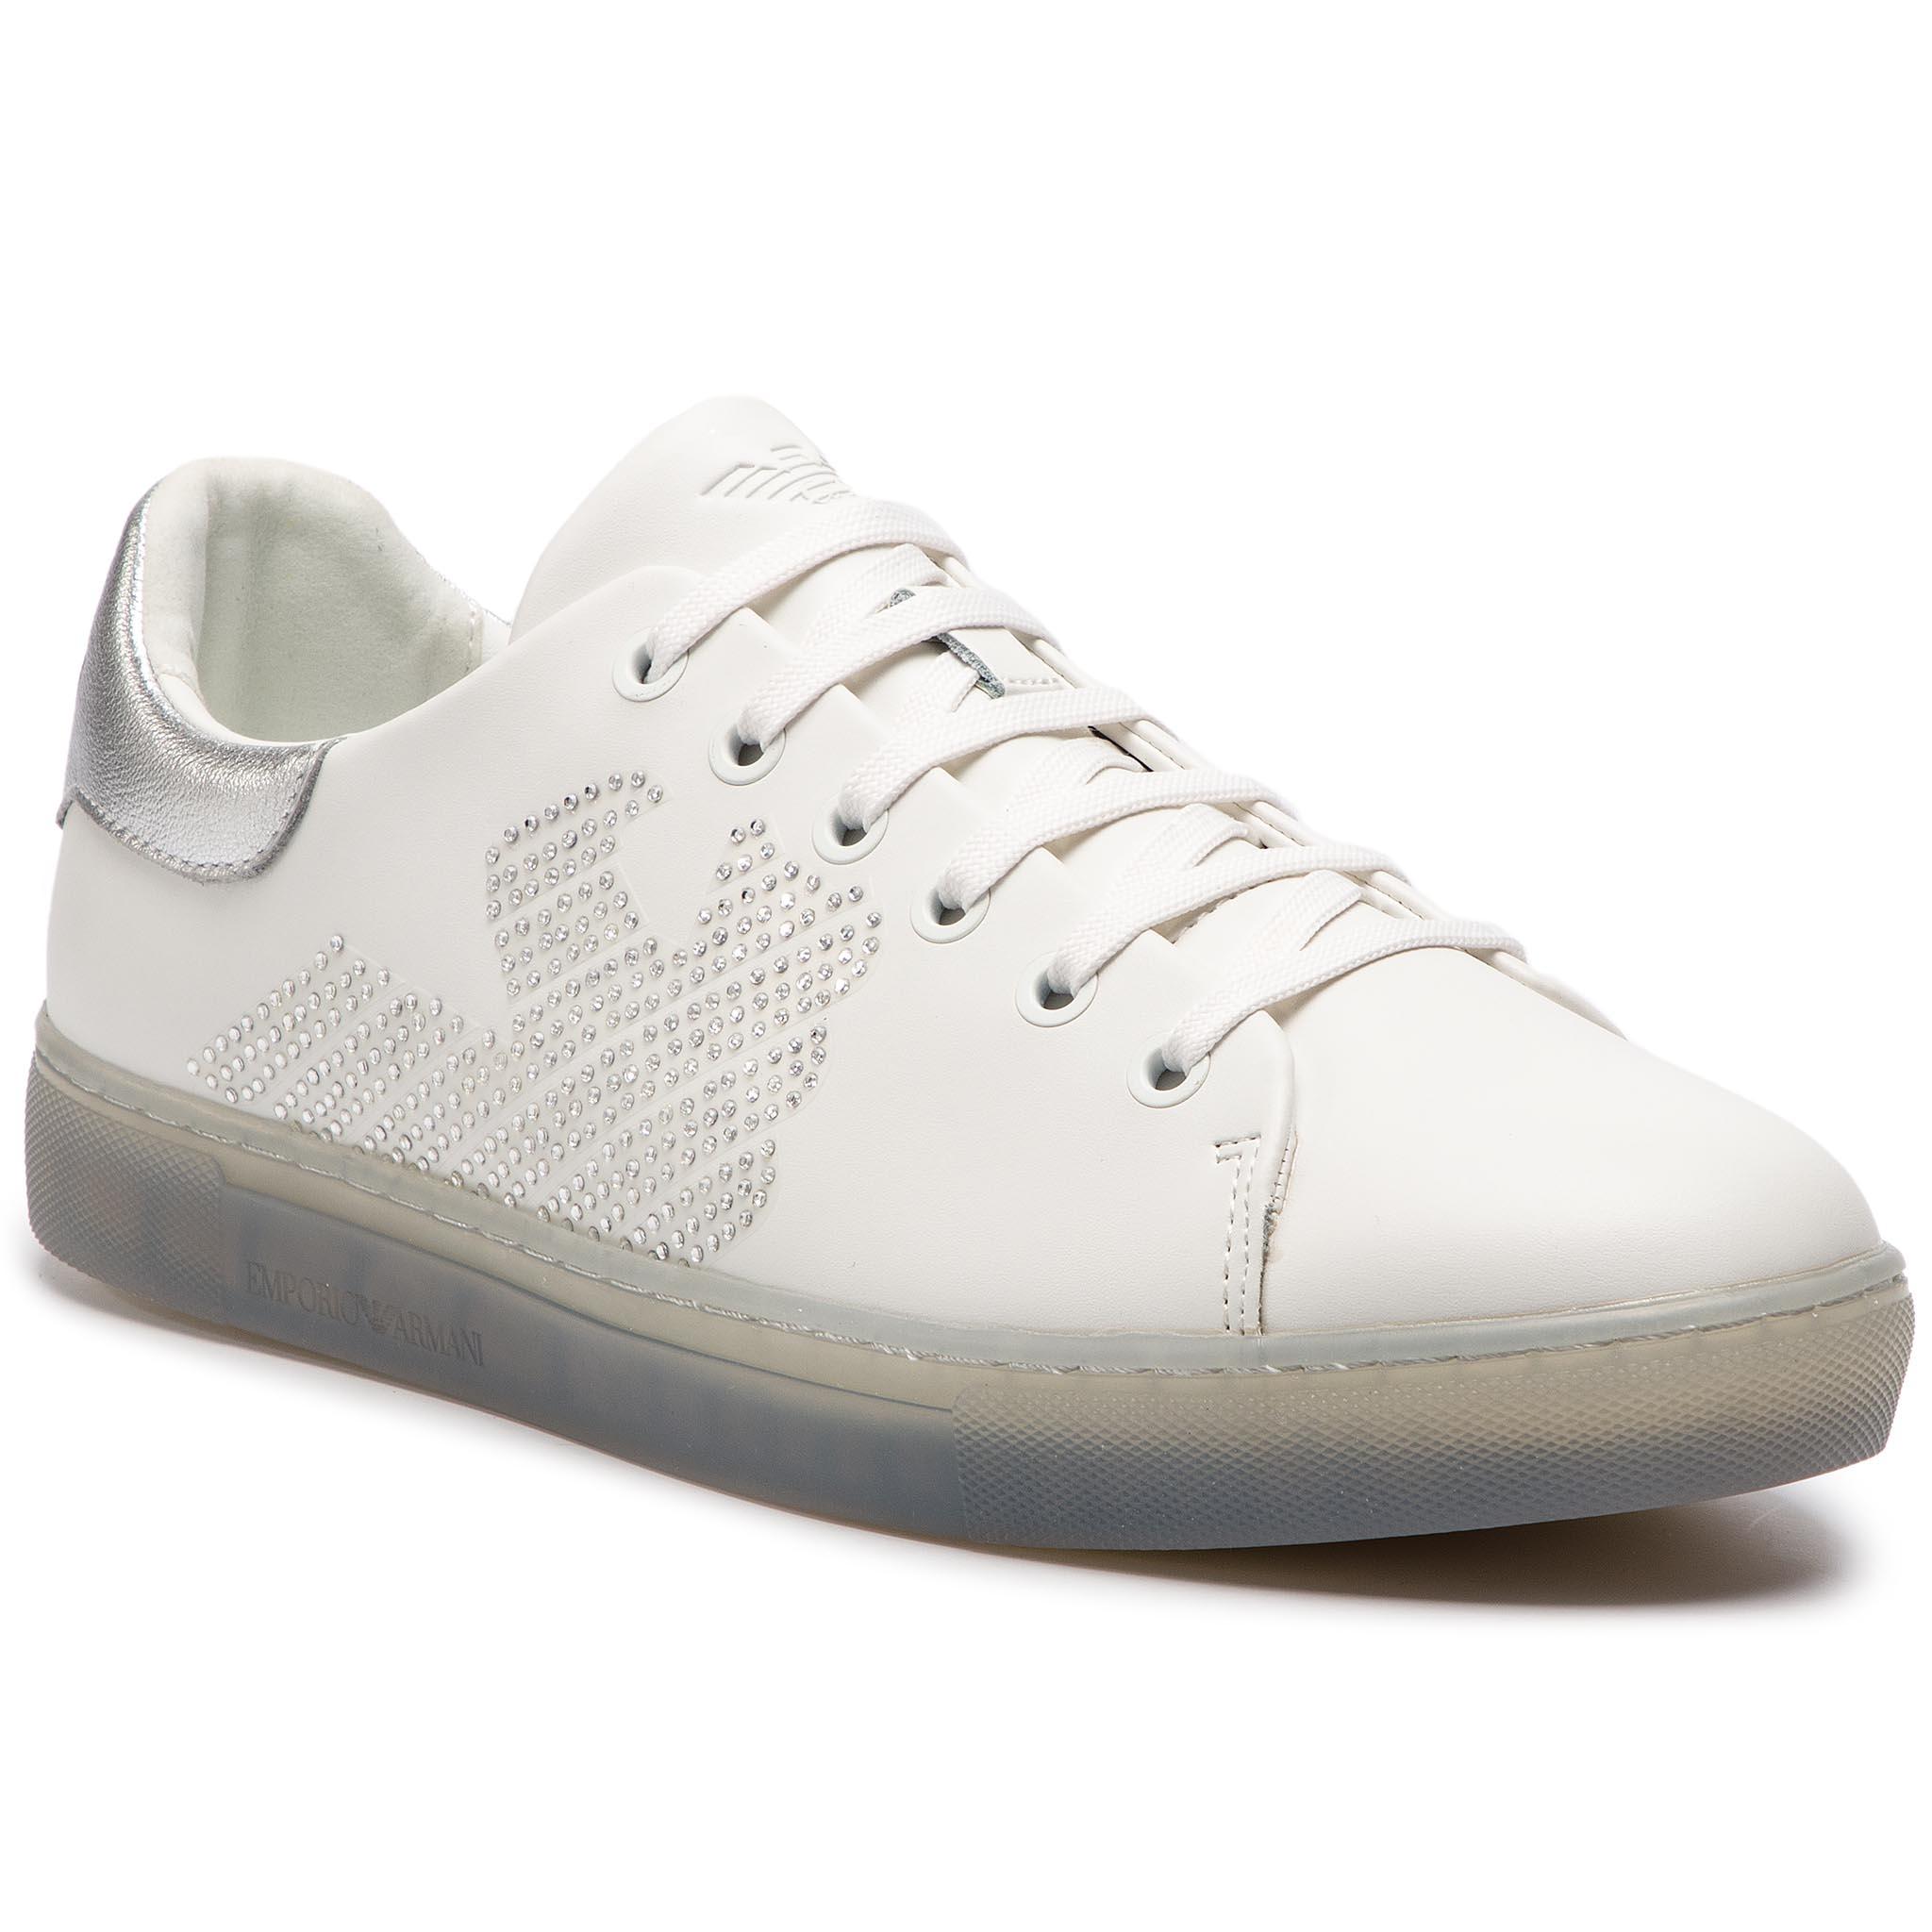 036f42cb1e Sneakersy EMPORIO ARMANI - X3X071 XL807 N627 White Silver - Glami.sk